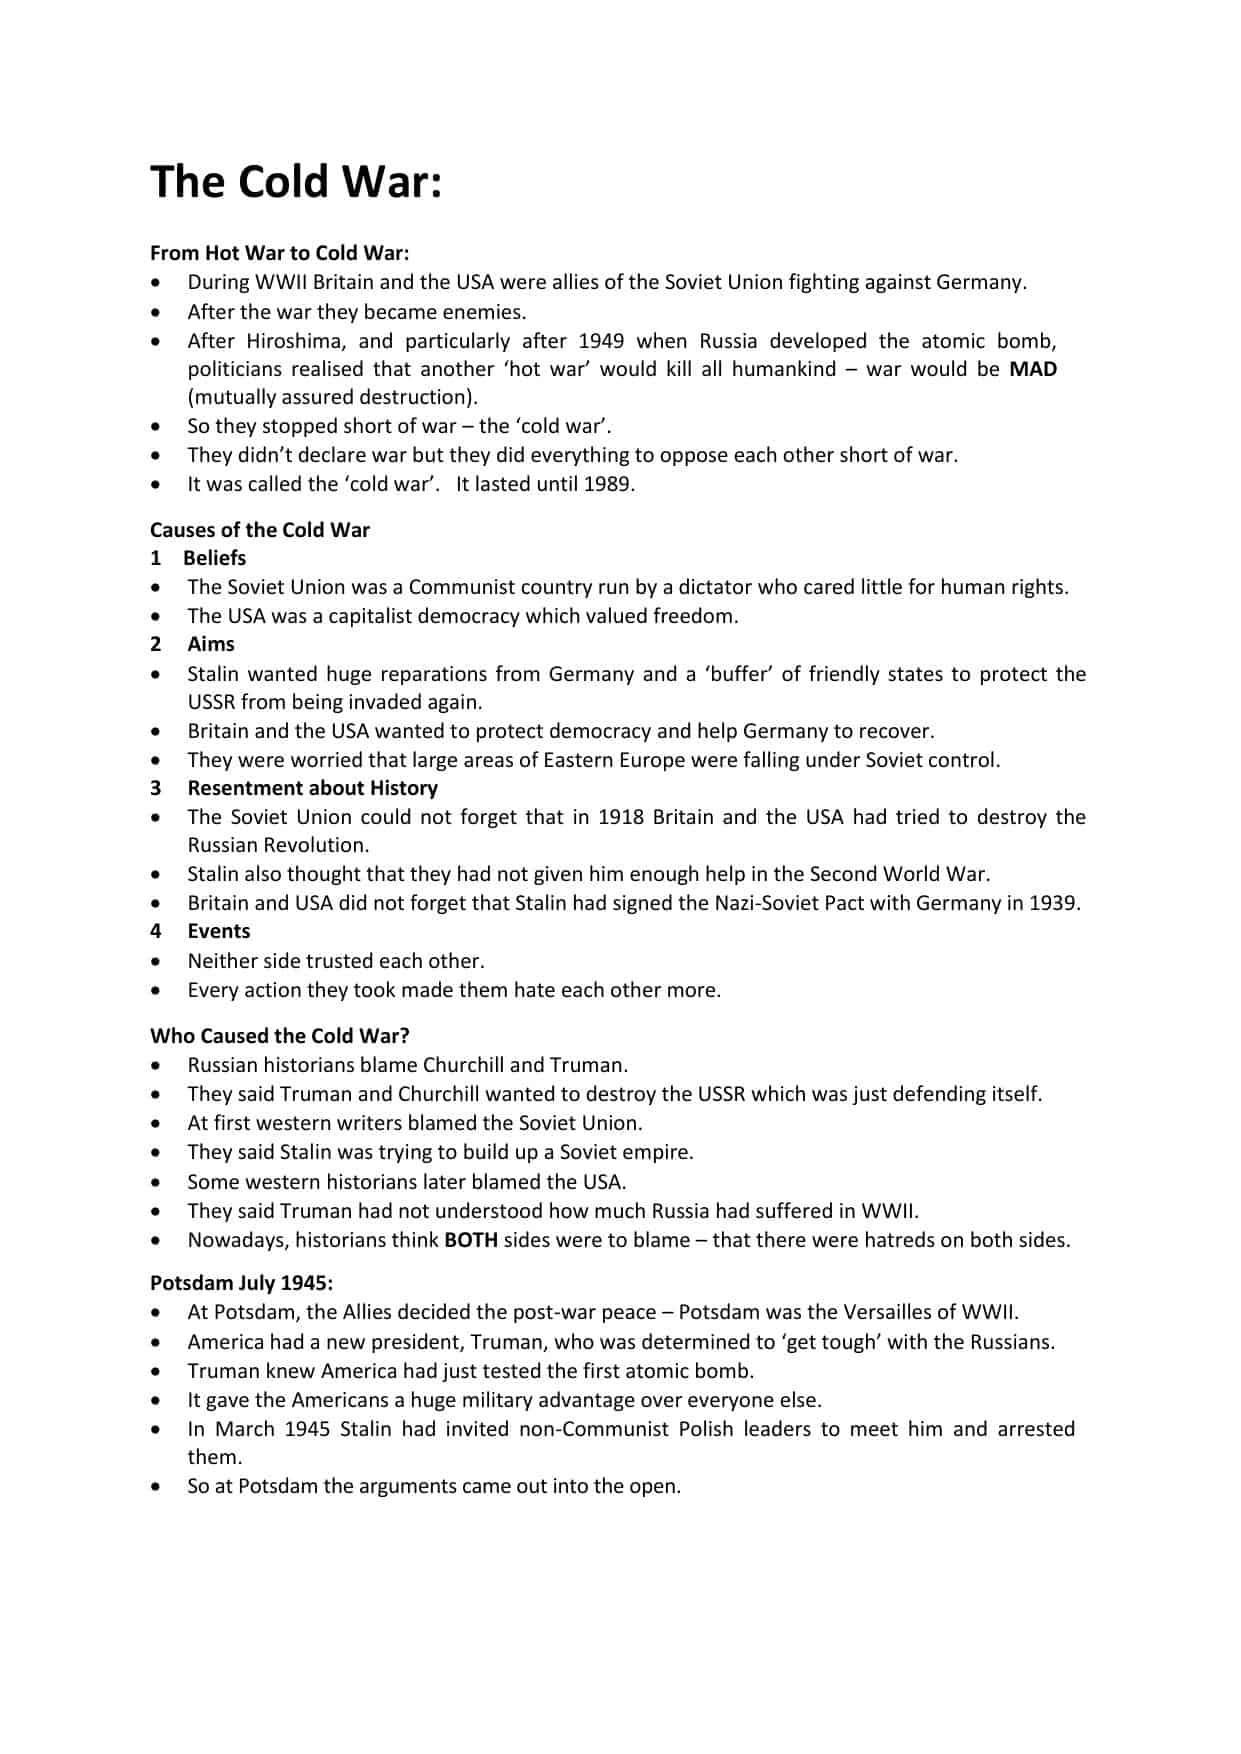 The Cold War Worksheets Ks3 Ks4 Lesson Plans Resources